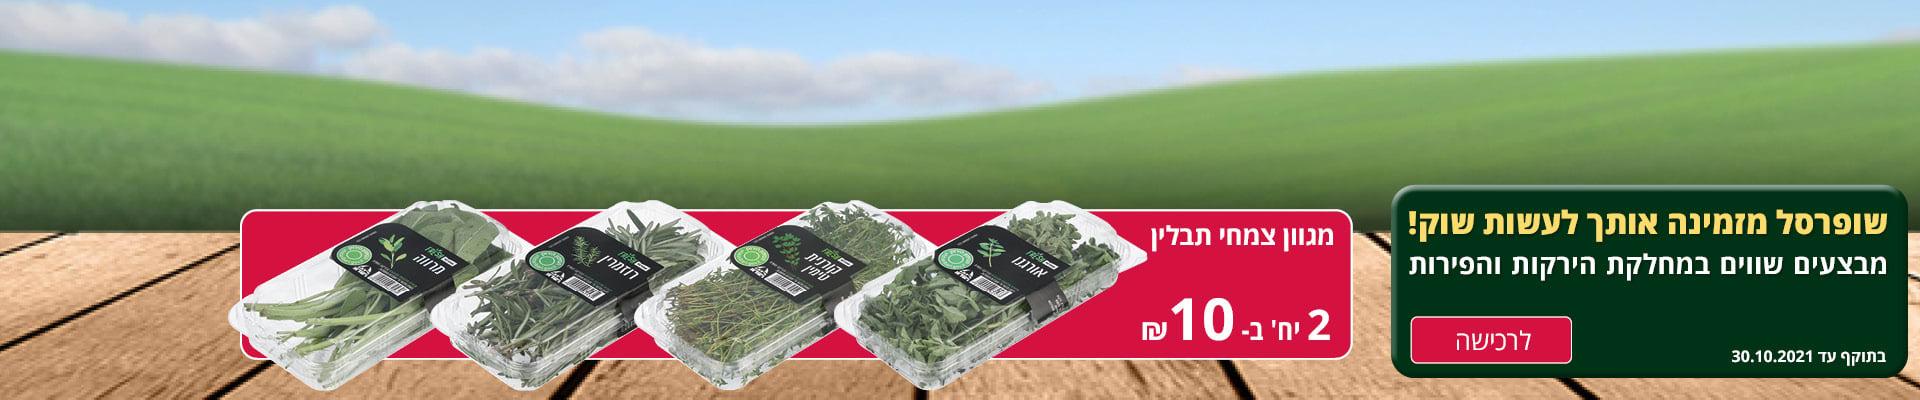 שופרסל מזמינה אותך לעשות שוק! מבצעים שווים במחלקת הירקות והפירות. מגוון צמחי תבלין 2 יח' ב- 10 ₪. בתוקף עד 30.10.2021